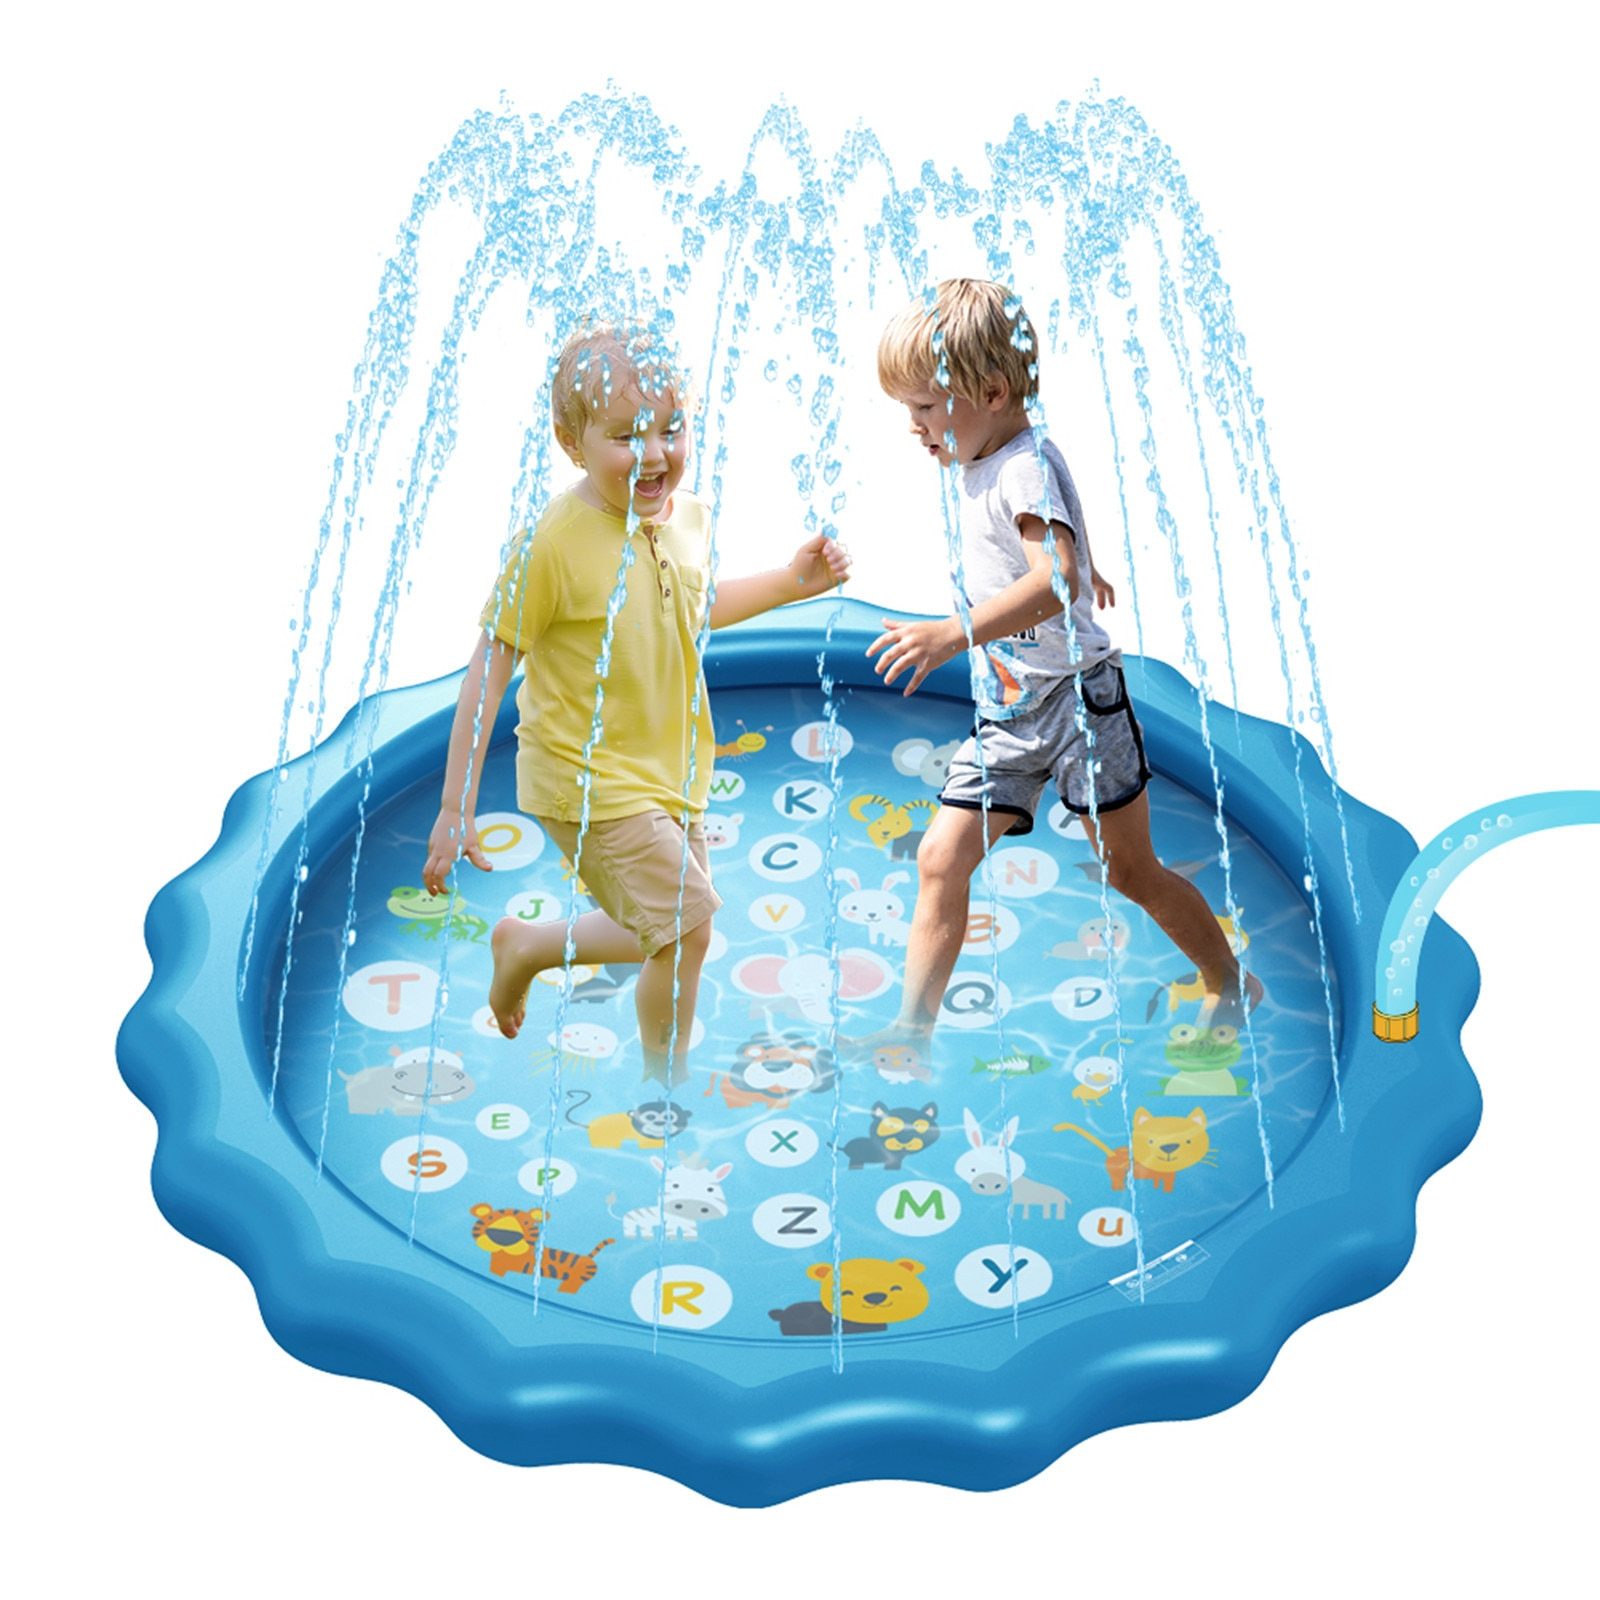 170 سنتيمتر الأبجدية الأطفال رذاذ الماء حصيرة بولي كلوريد الفينيل نفخ سبلاش حصيرة في الهواء الطلق الحديقة تلعب حصيرة المياه الرش